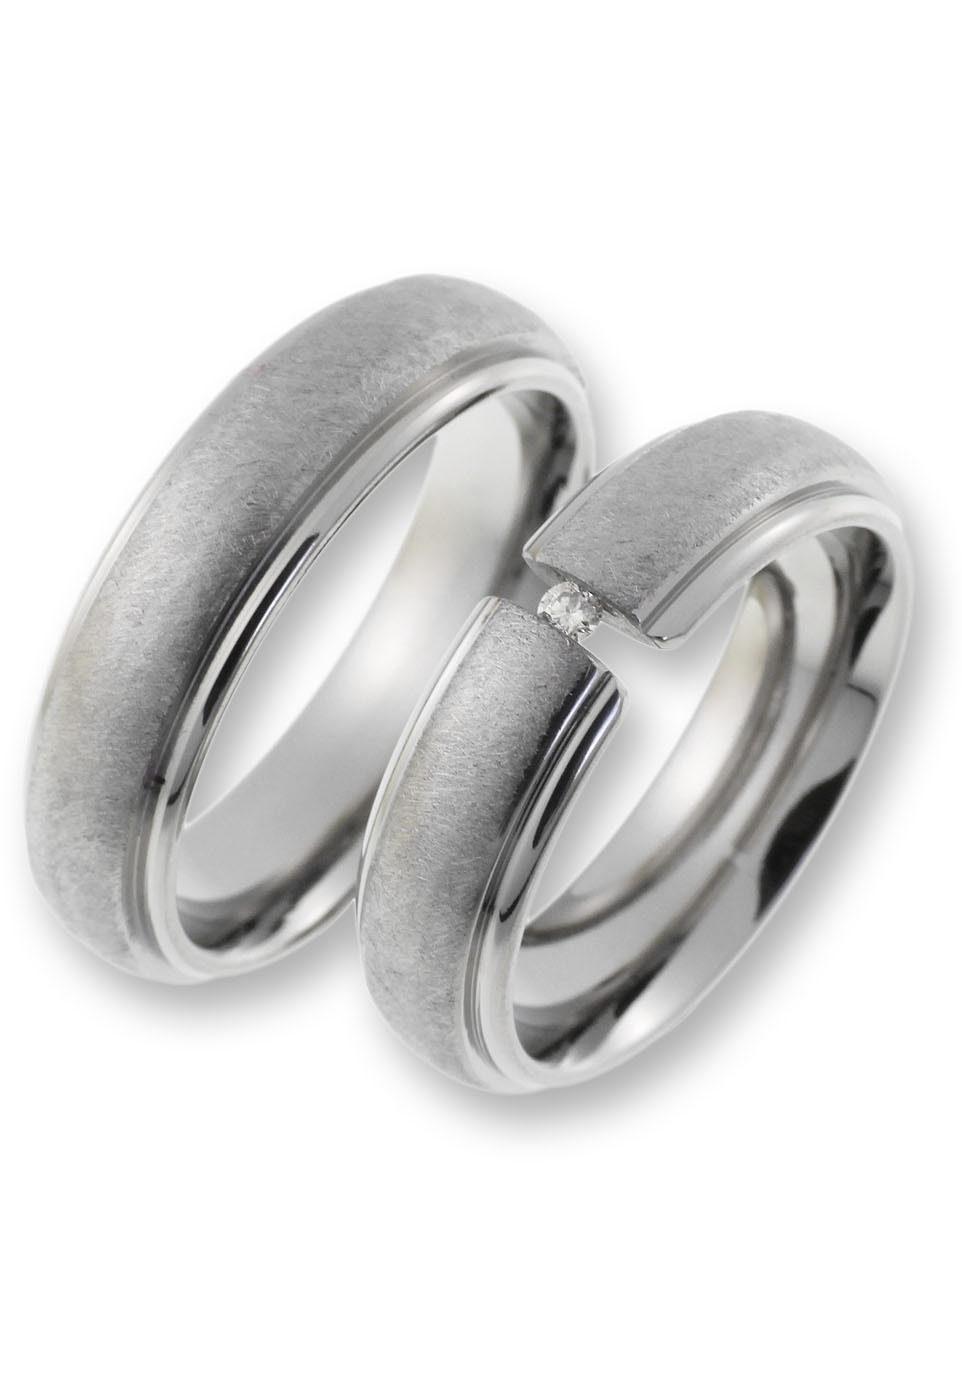 CORE by Schumann Design Trauring »20006179 DR, 20006179 HR, ST050.10«, Made in Germany wahlweise mit oder ohne Diamant online kaufen | OTTO